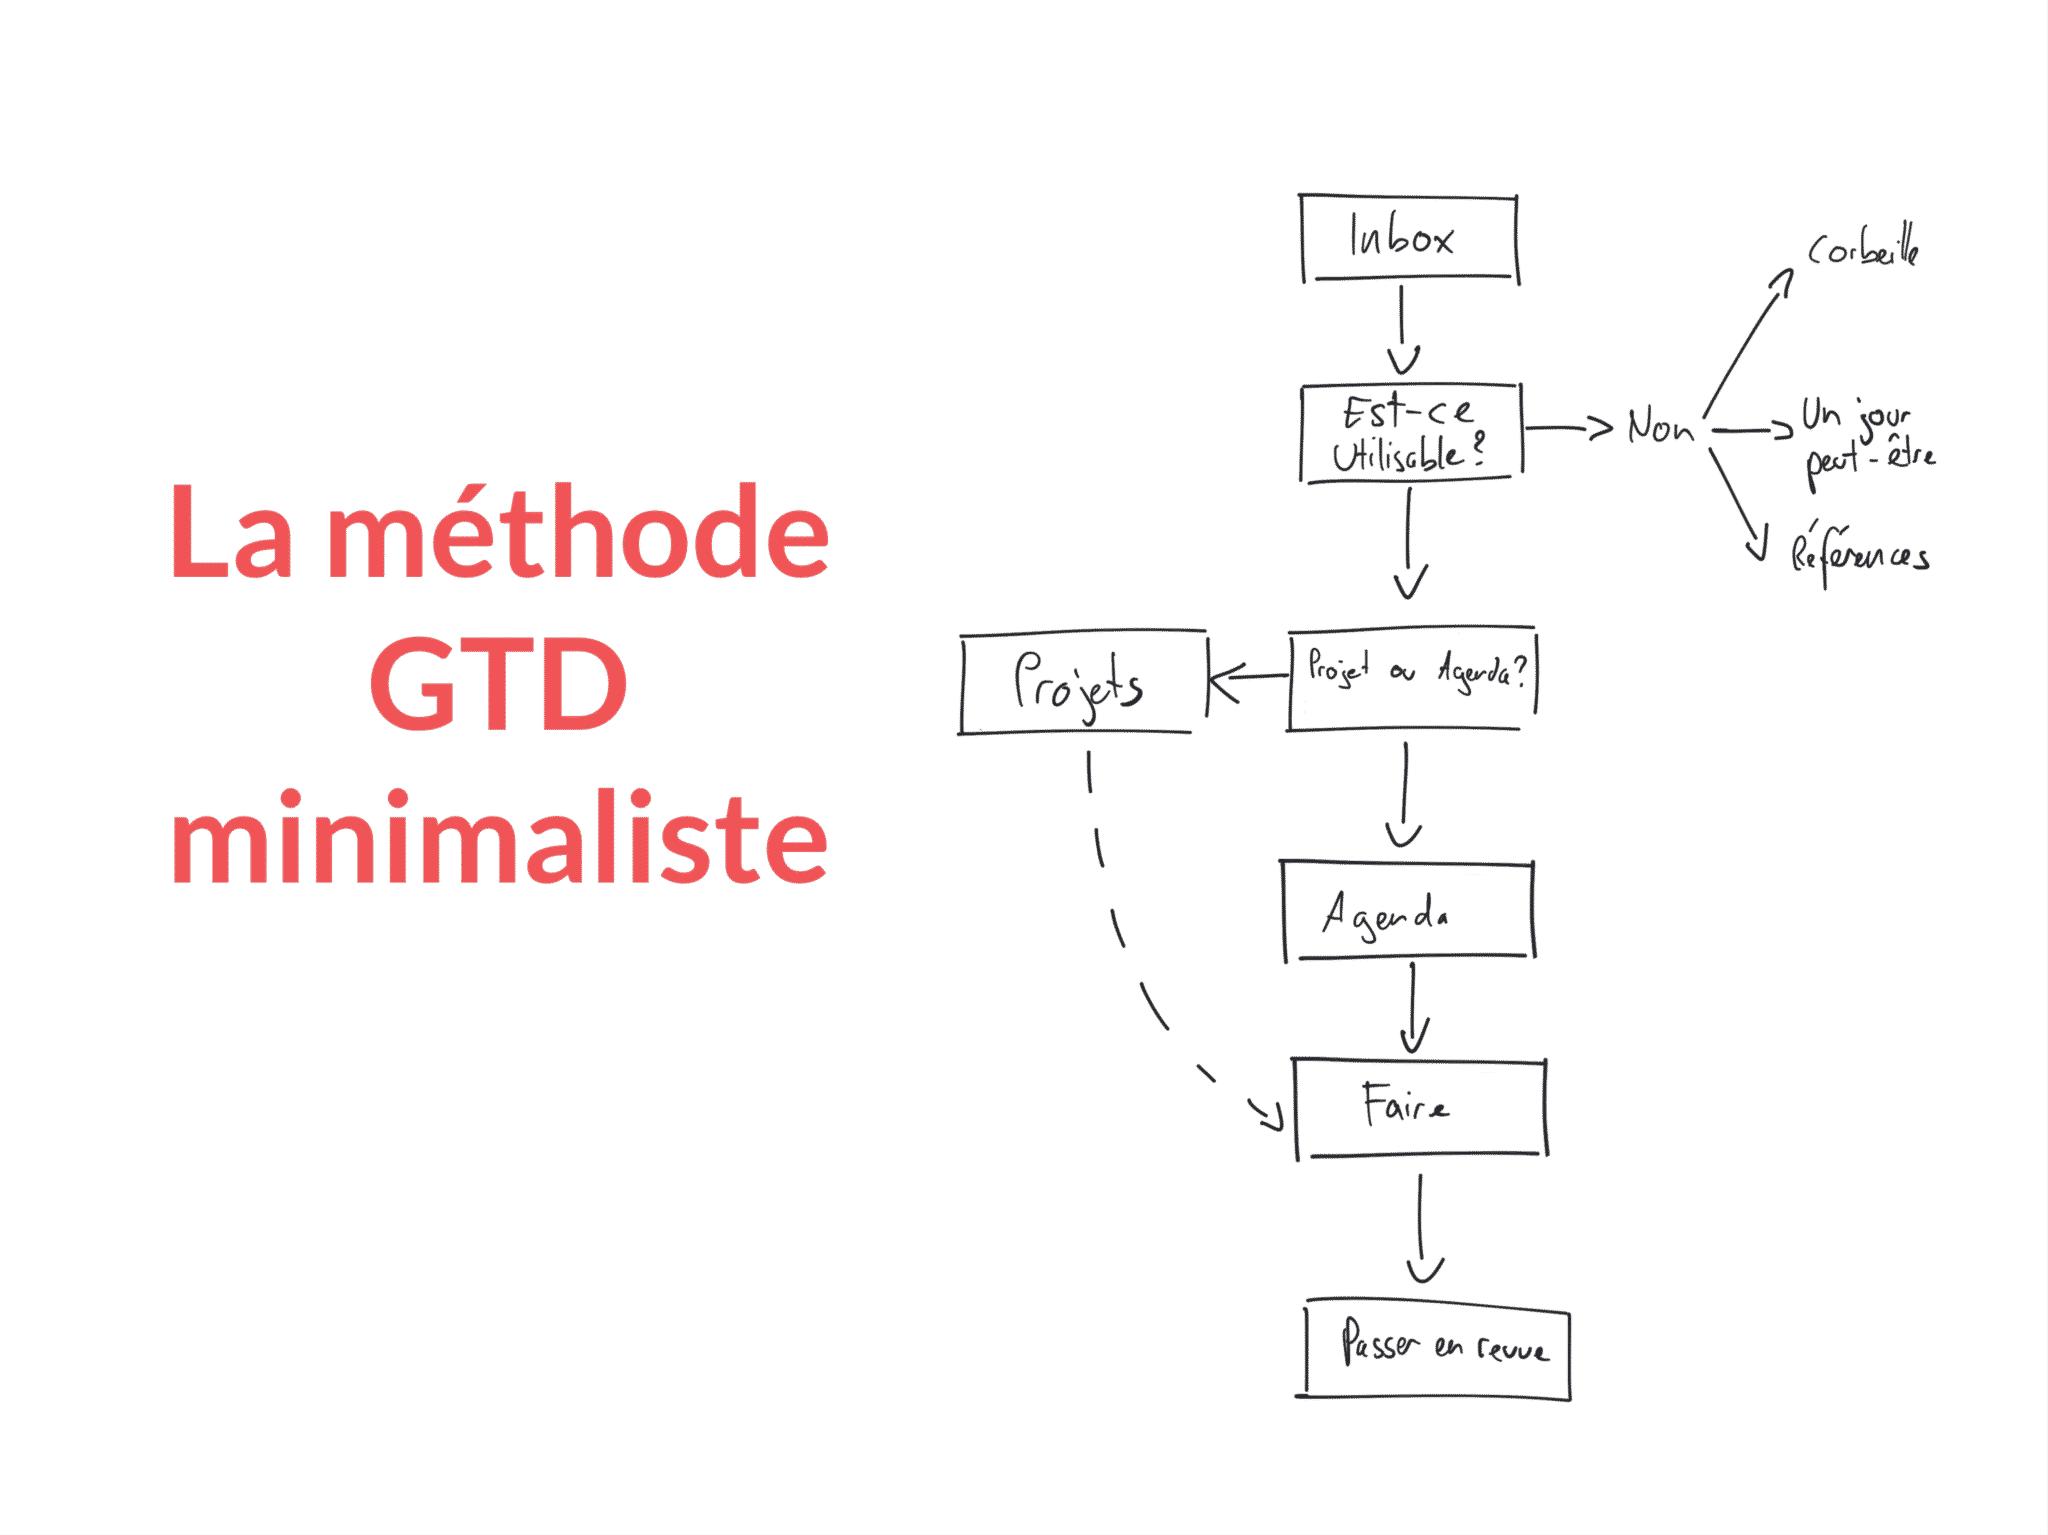 Méthode GTD